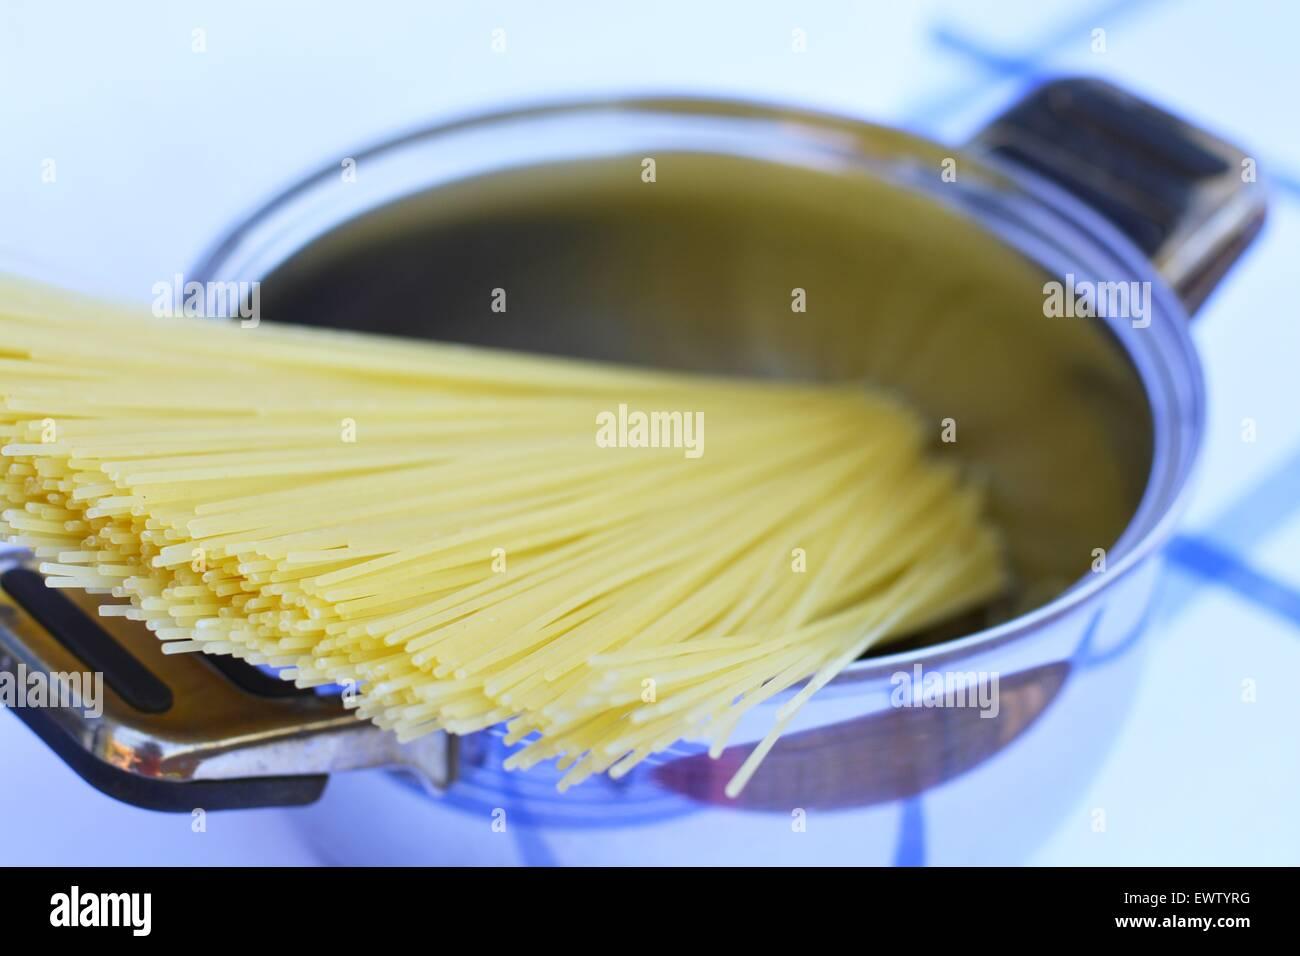 Spaghetti in a pot - Stock Image